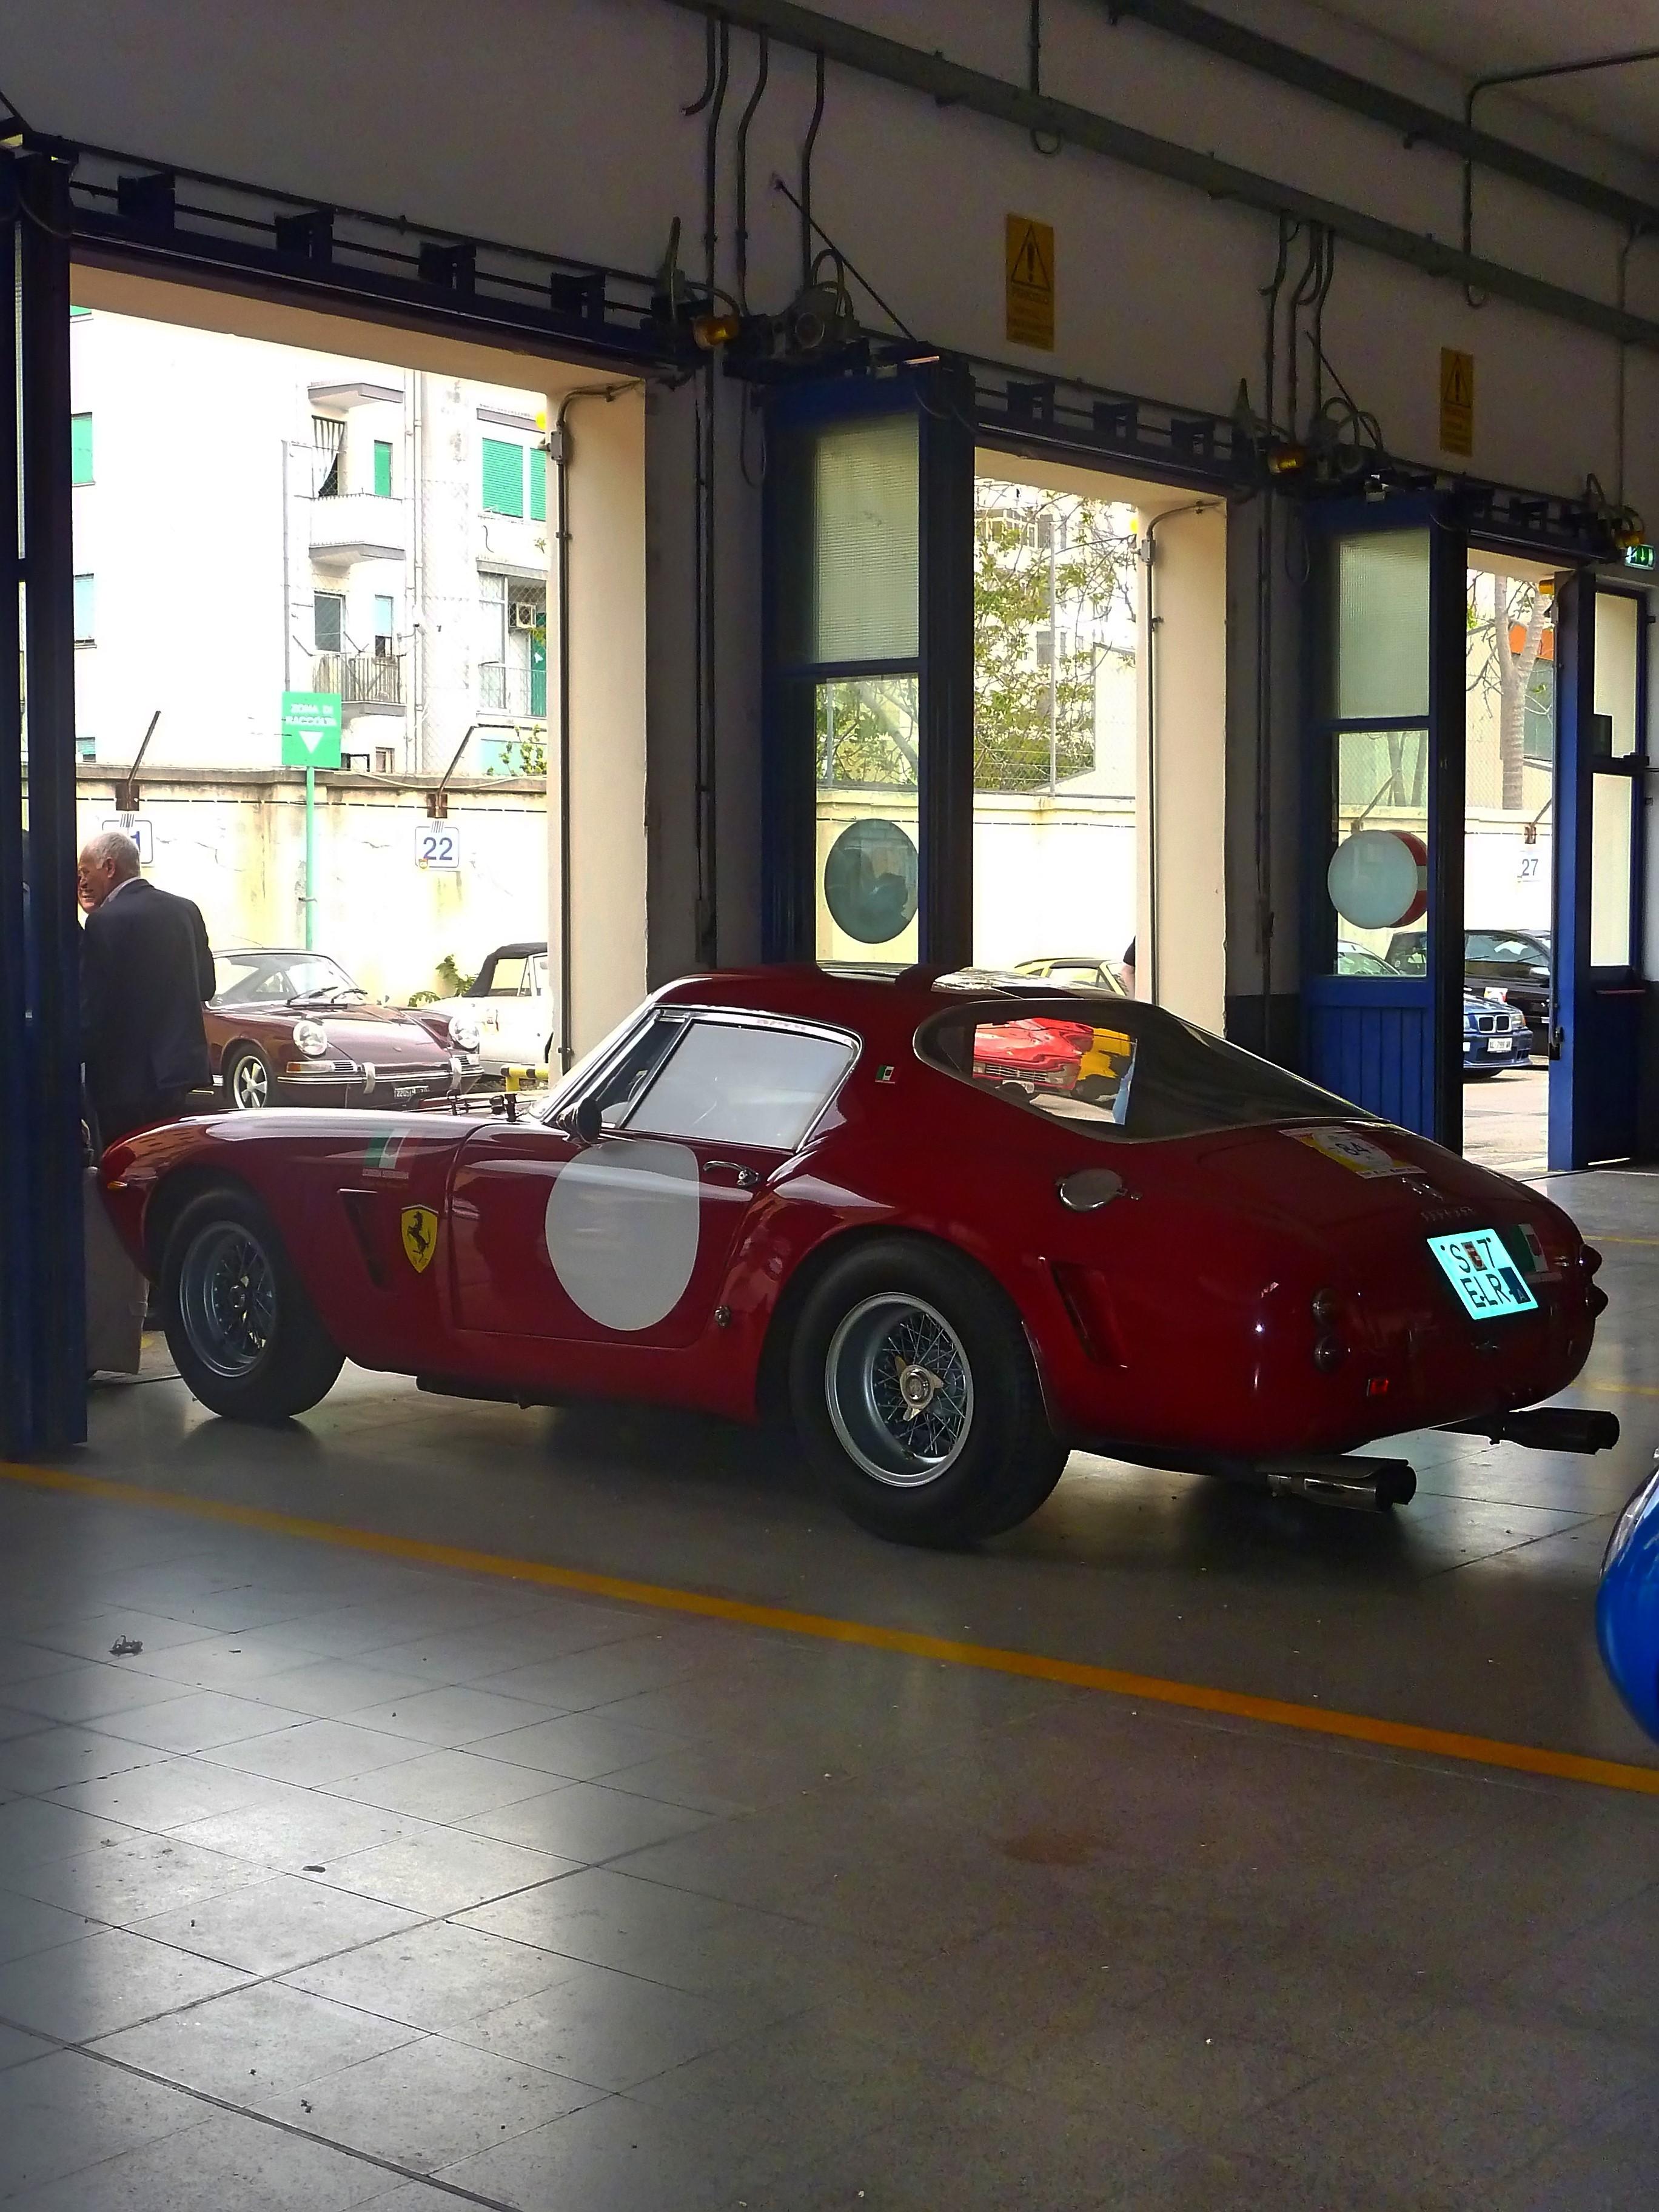 1961 Ferrari 250 GT SWB #2701 (86)_filtered